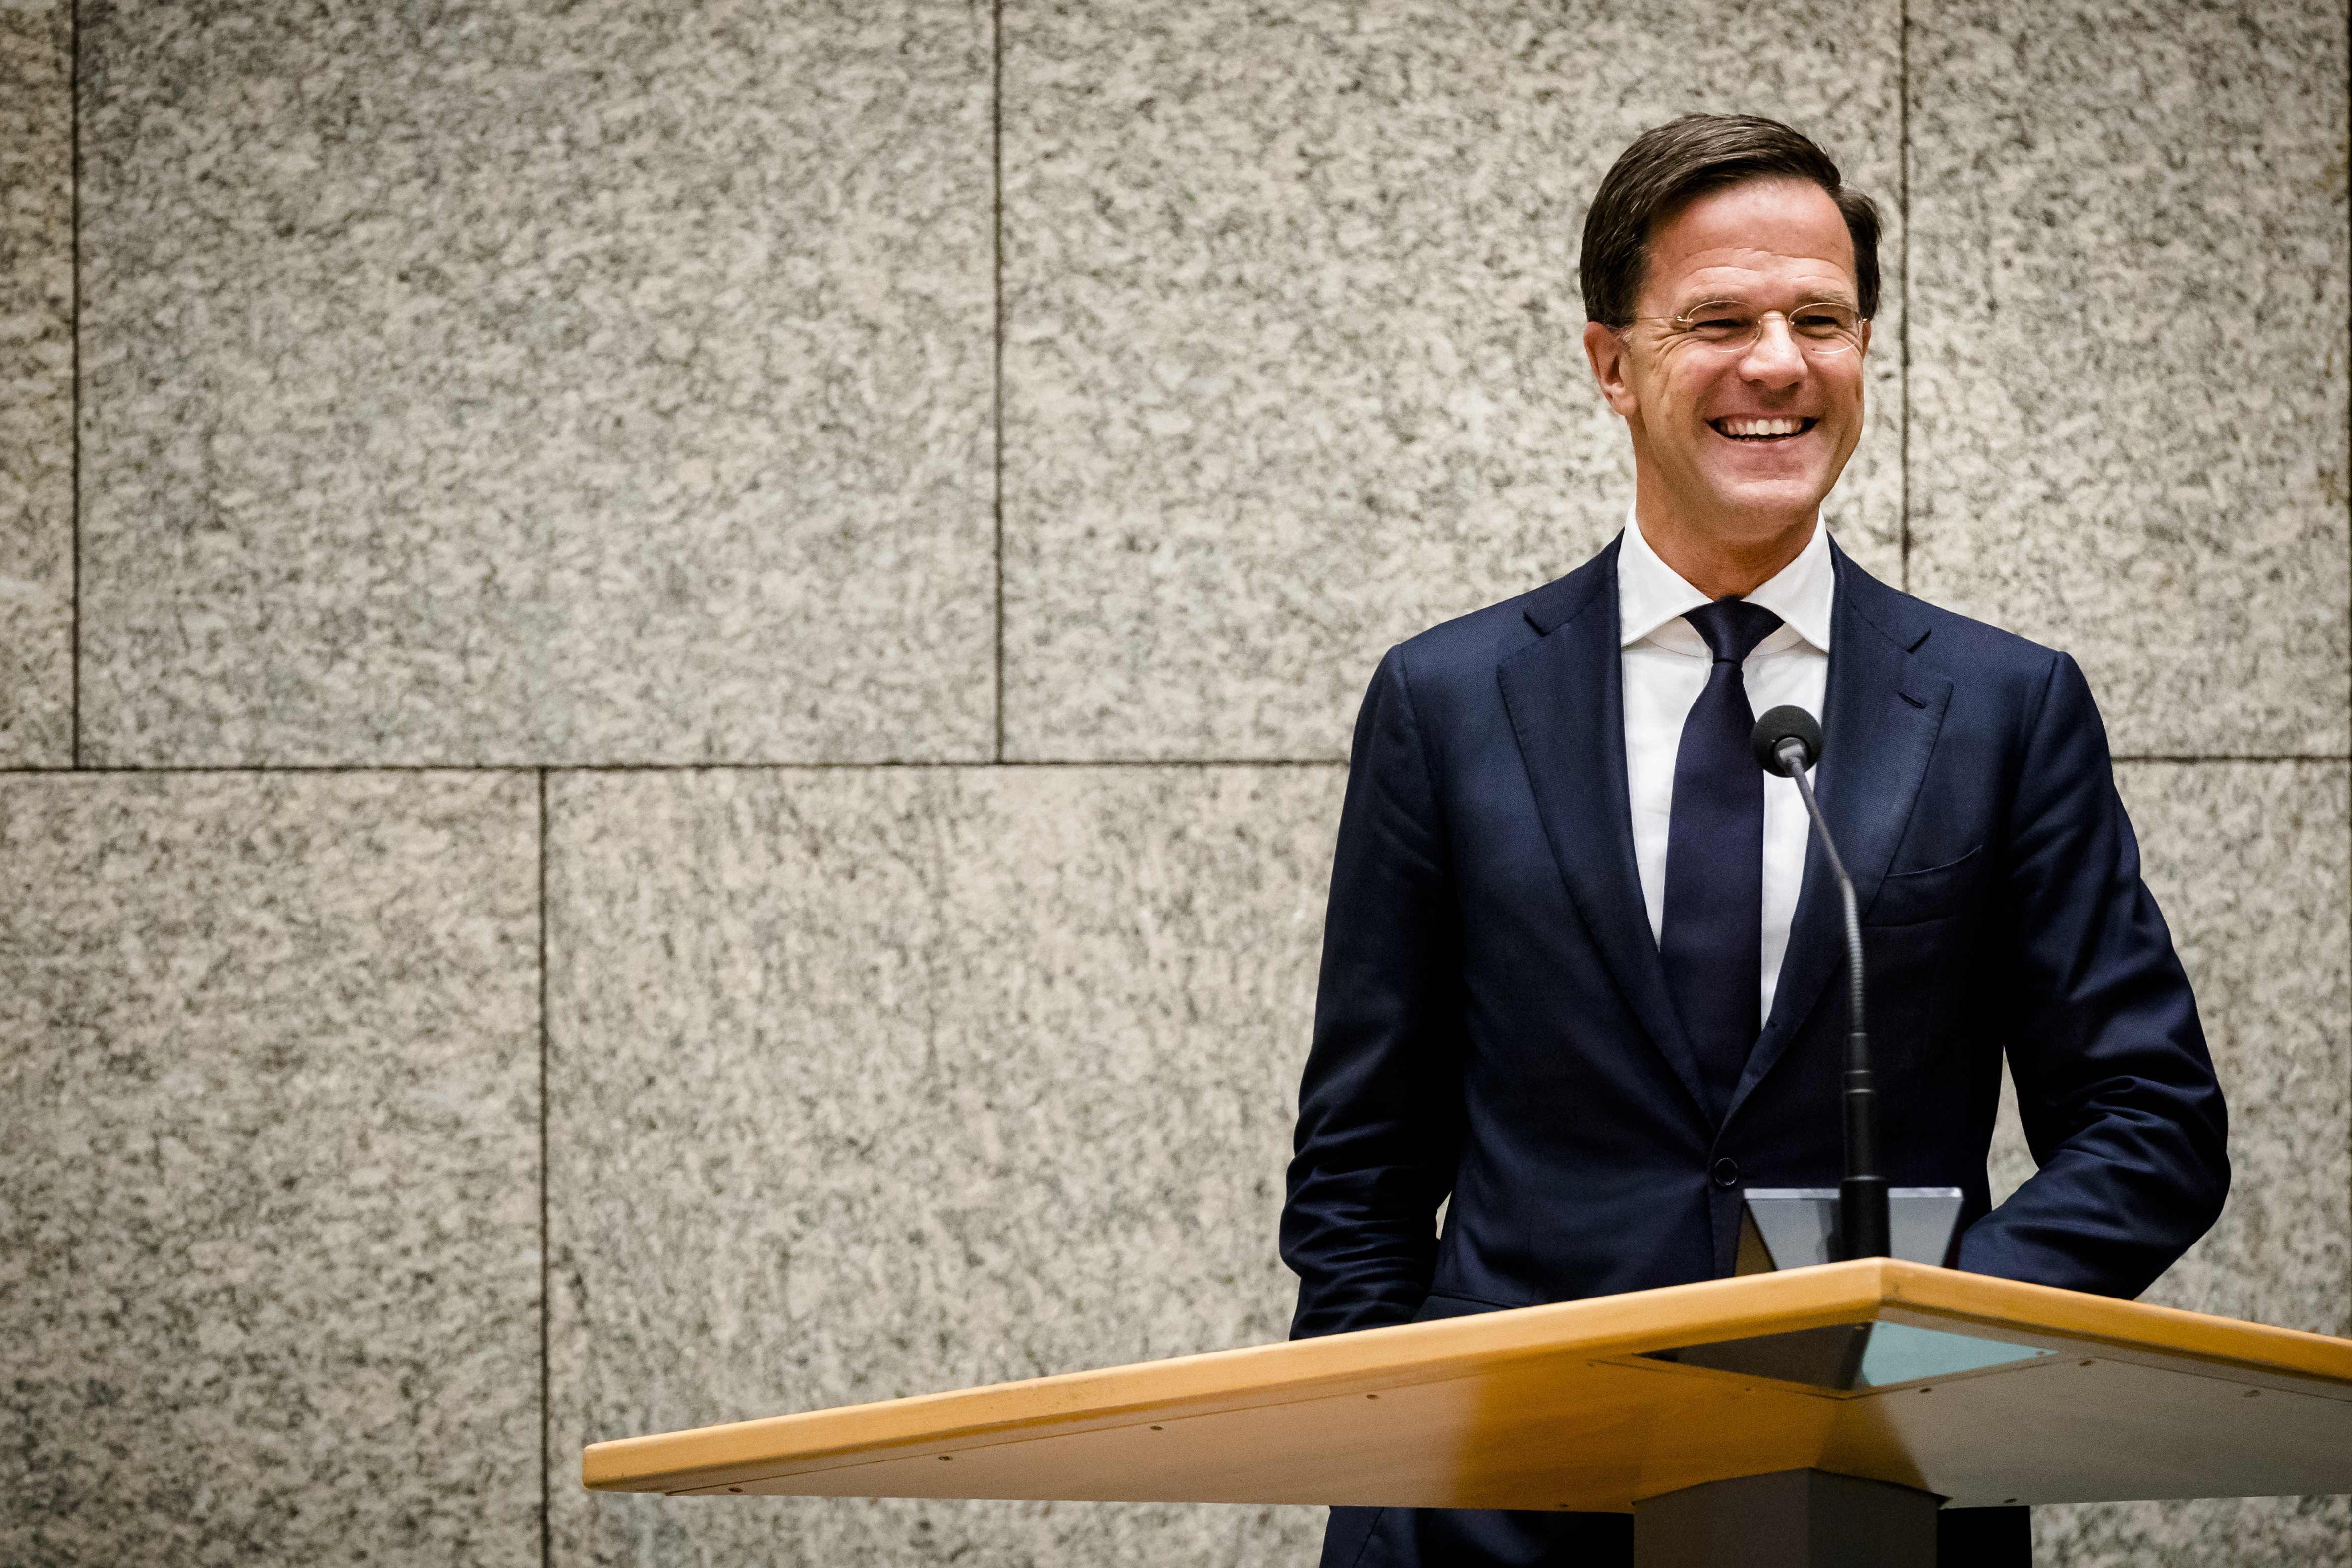 رئيس الوزراء الهولندي مارك روت